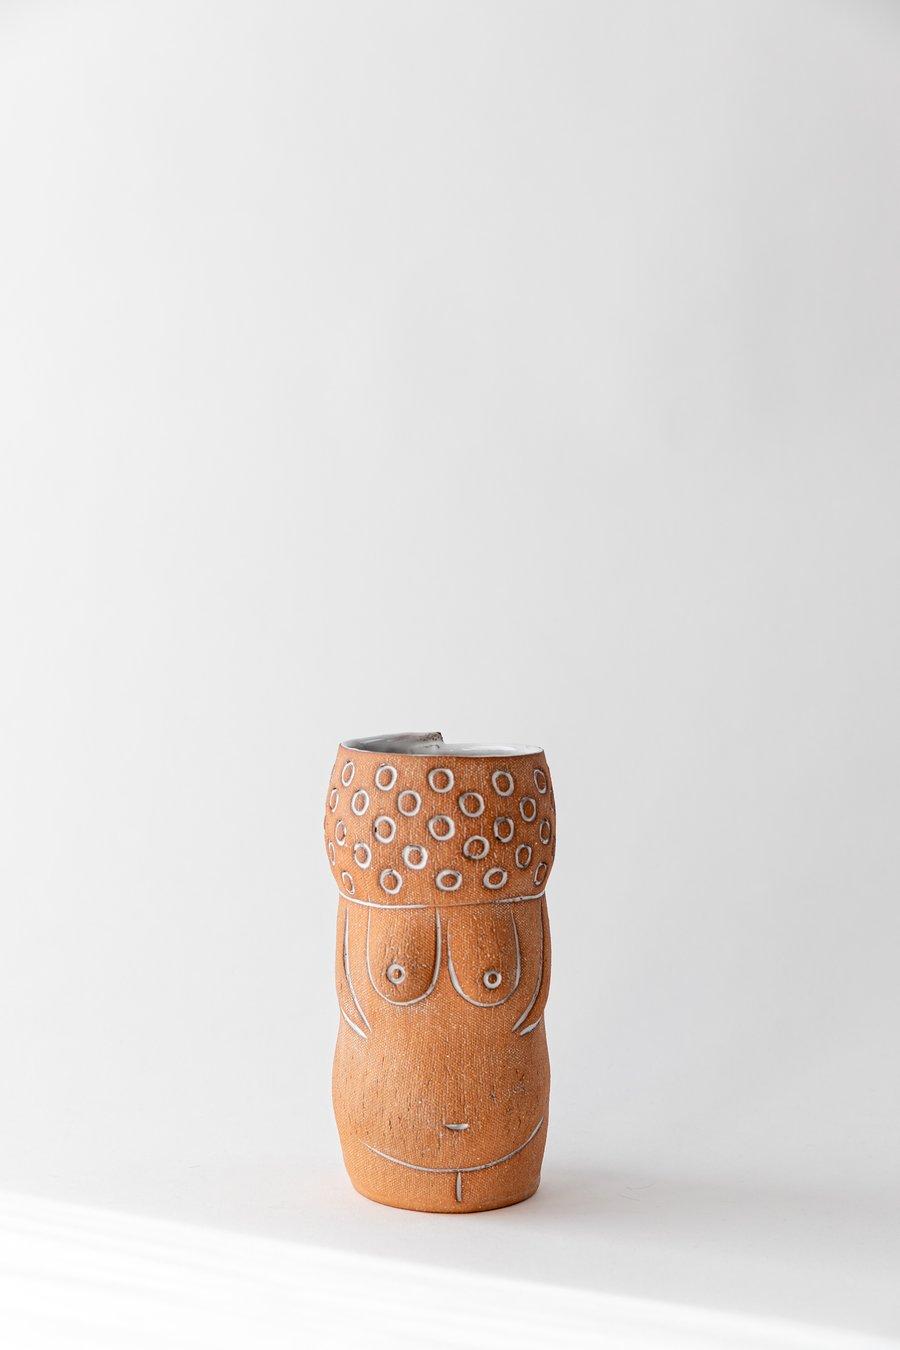 Image of Tiki Vase - 03